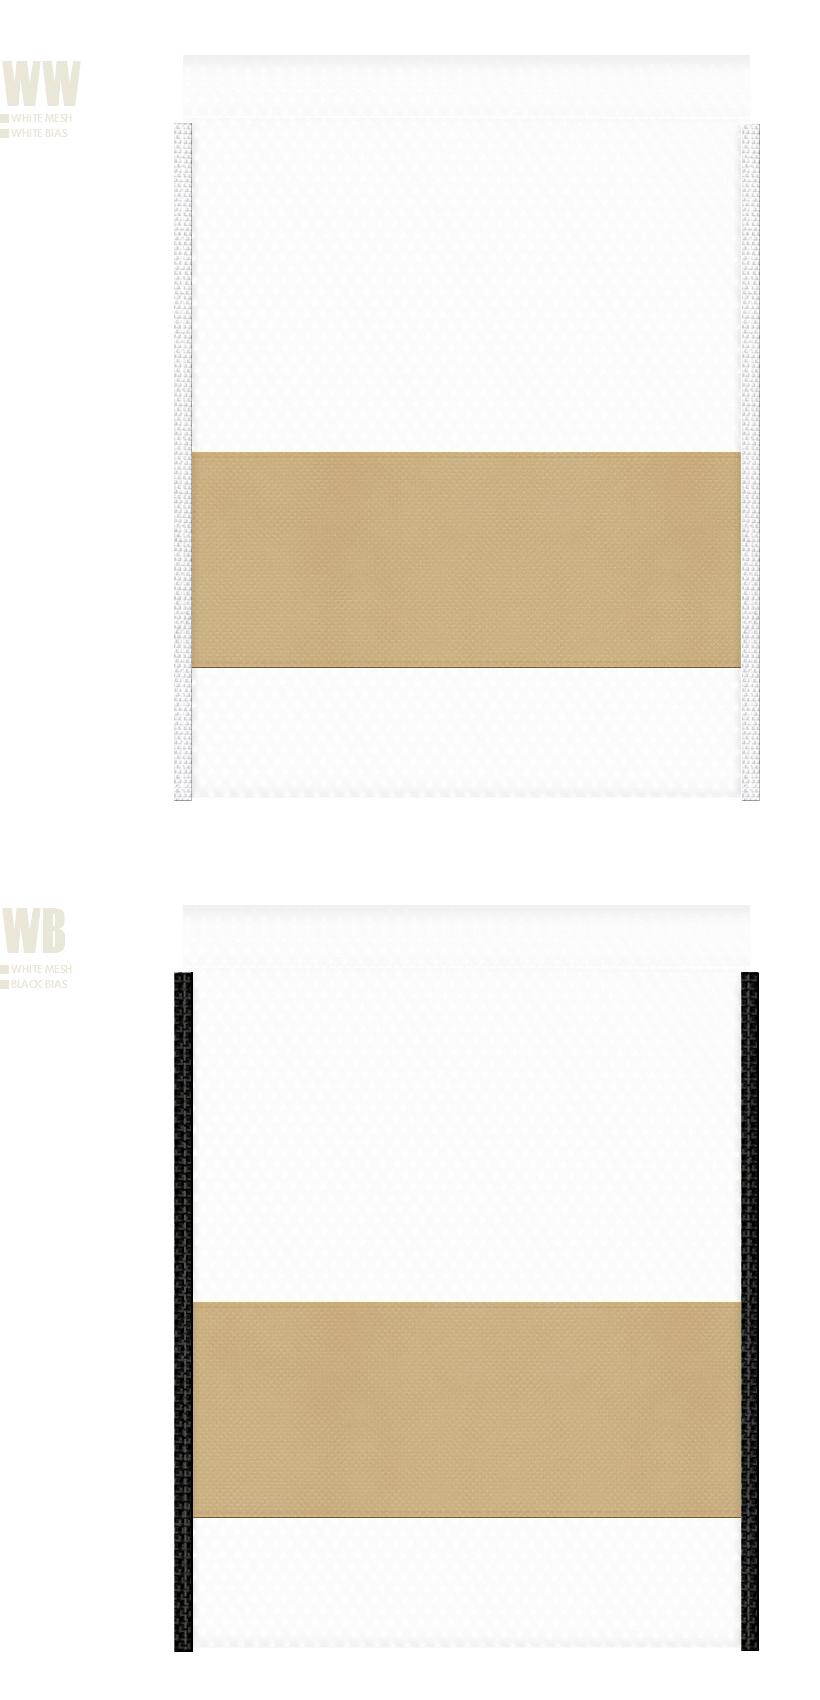 白色メッシュとカーキ色不織布のメッシュバッグカラーシミュレーション:キャンプ用品・アウトドア用品・スポーツ用品・シューズバッグにお奨め